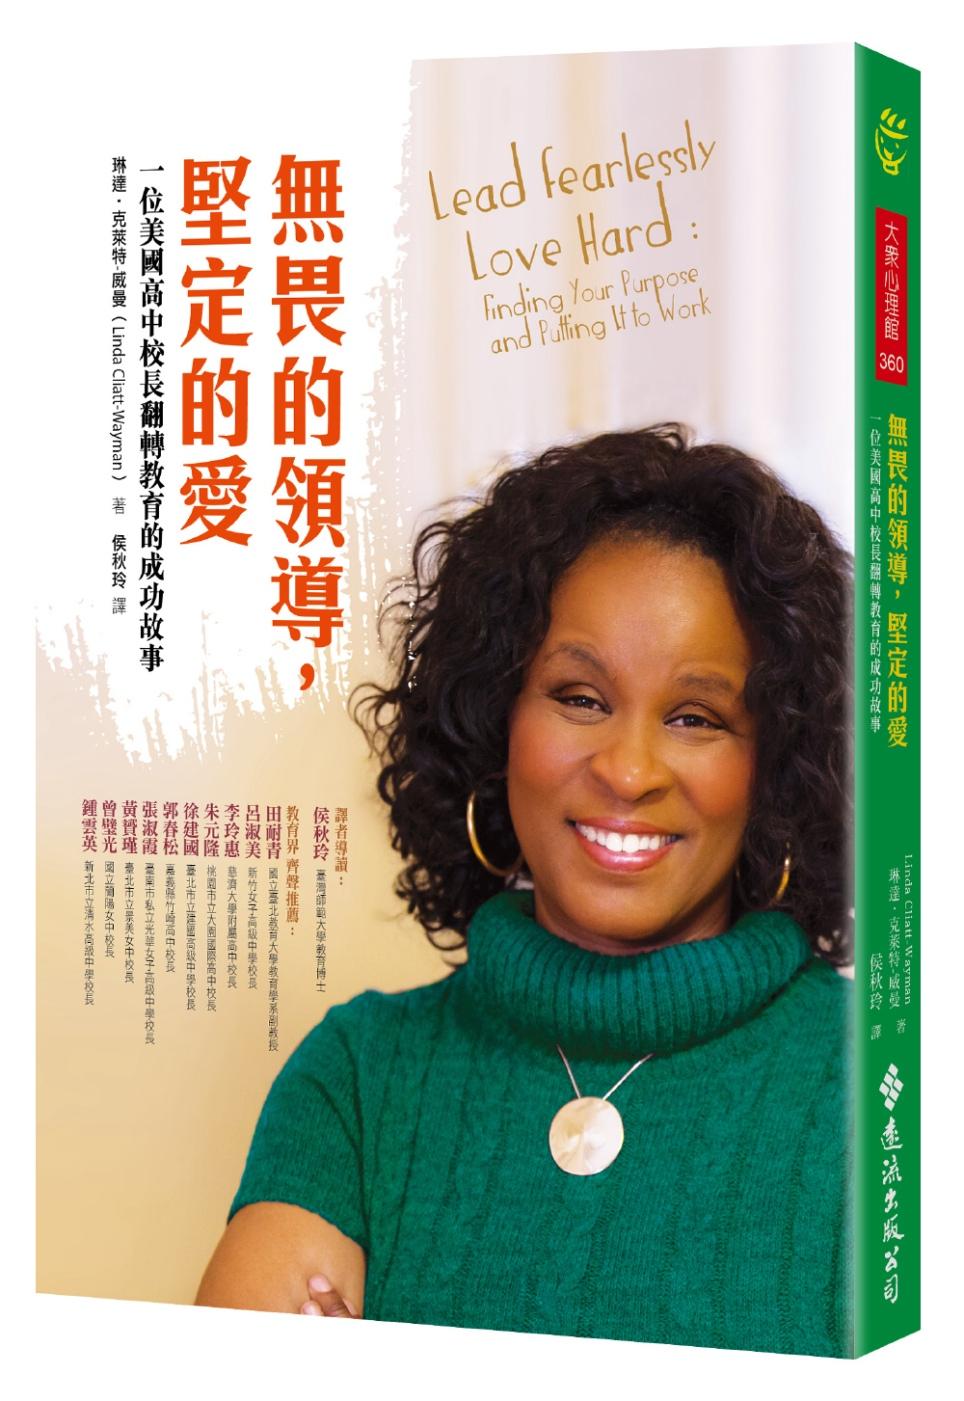 無畏的領導,堅定的愛:一位美國高中校長翻轉教育的成功故事